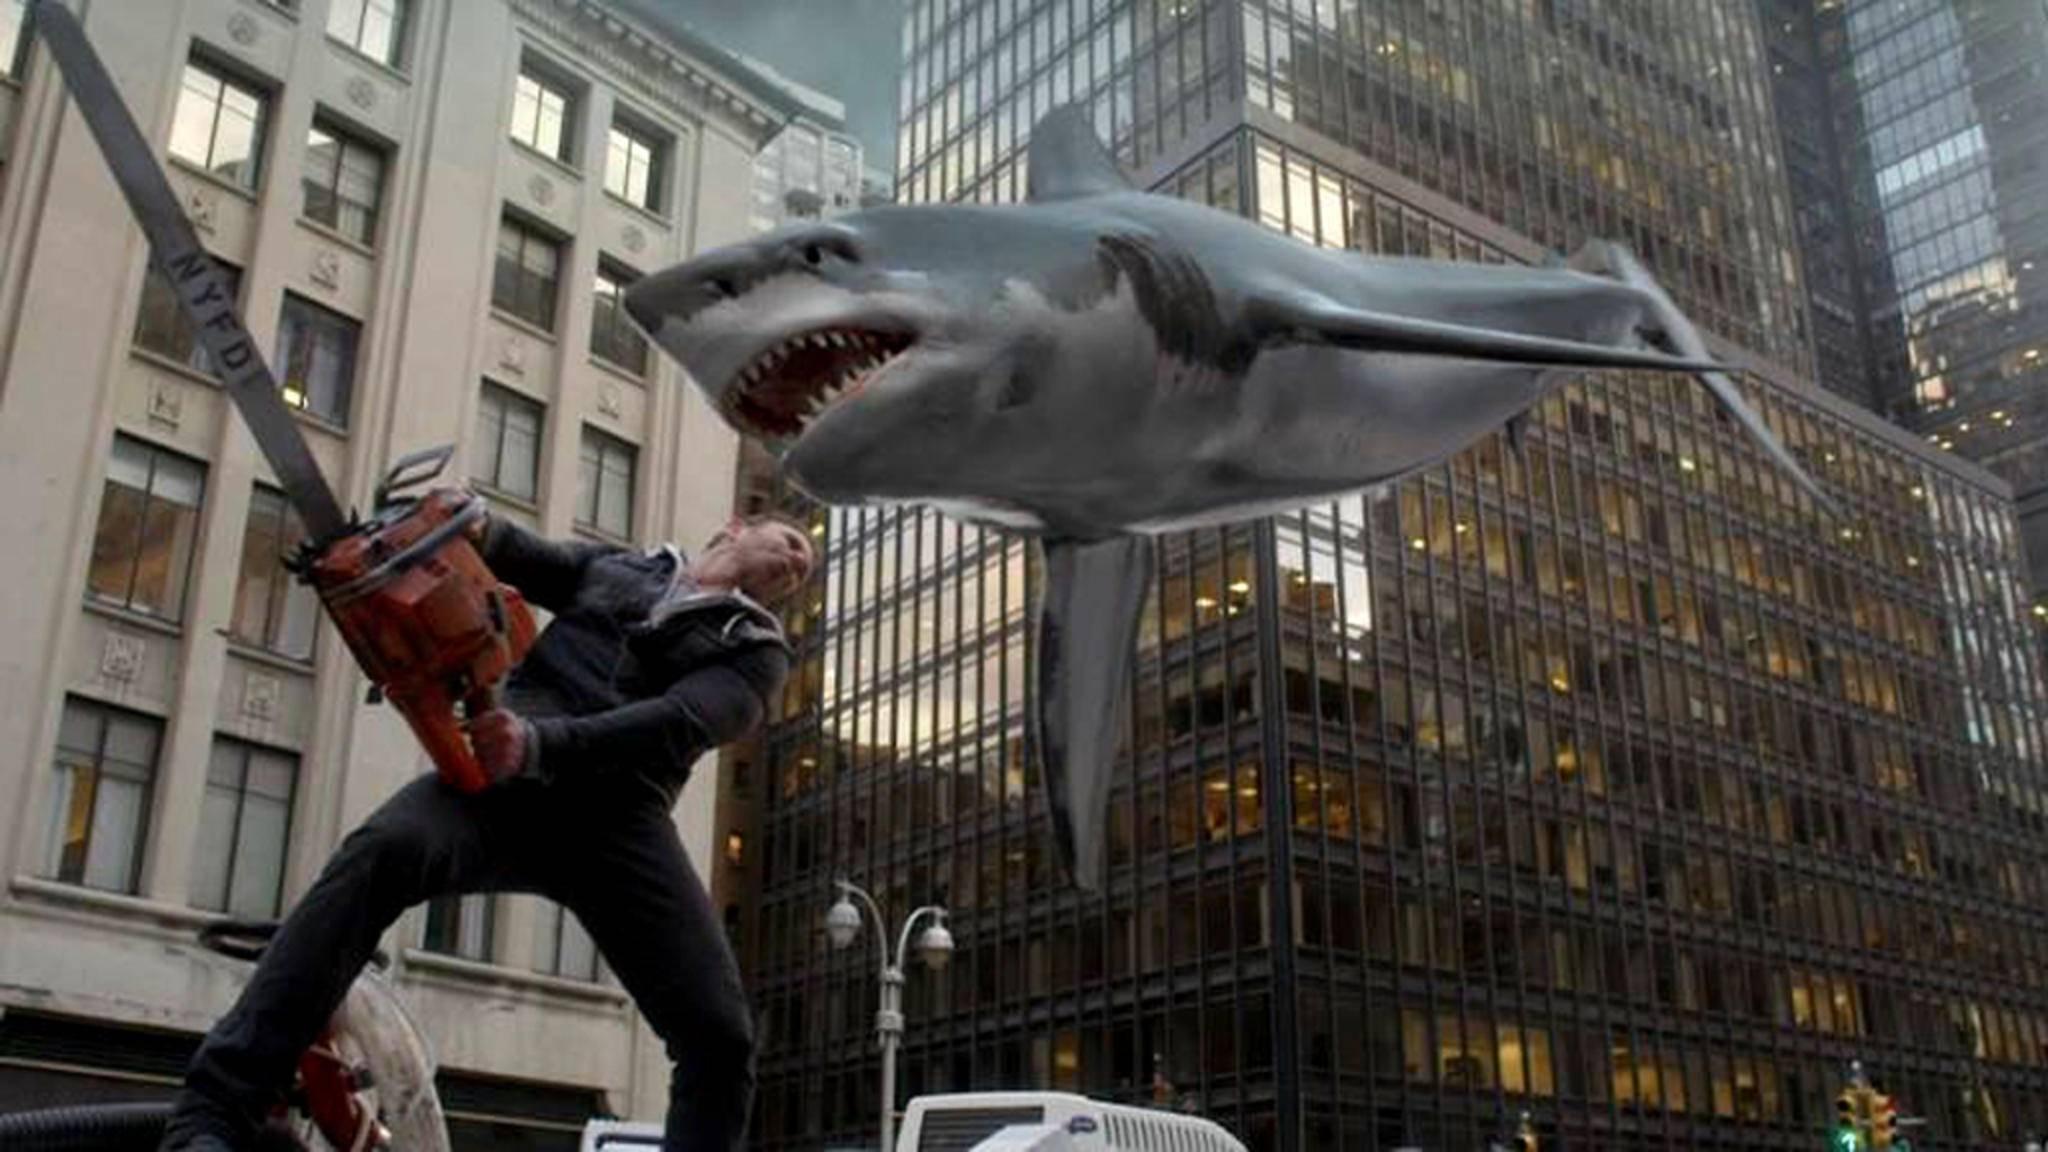 Fliegende Haie und Kettensägen? Im Reich des Hai-Trash-Horrors noch eine der logischeren Ideen...